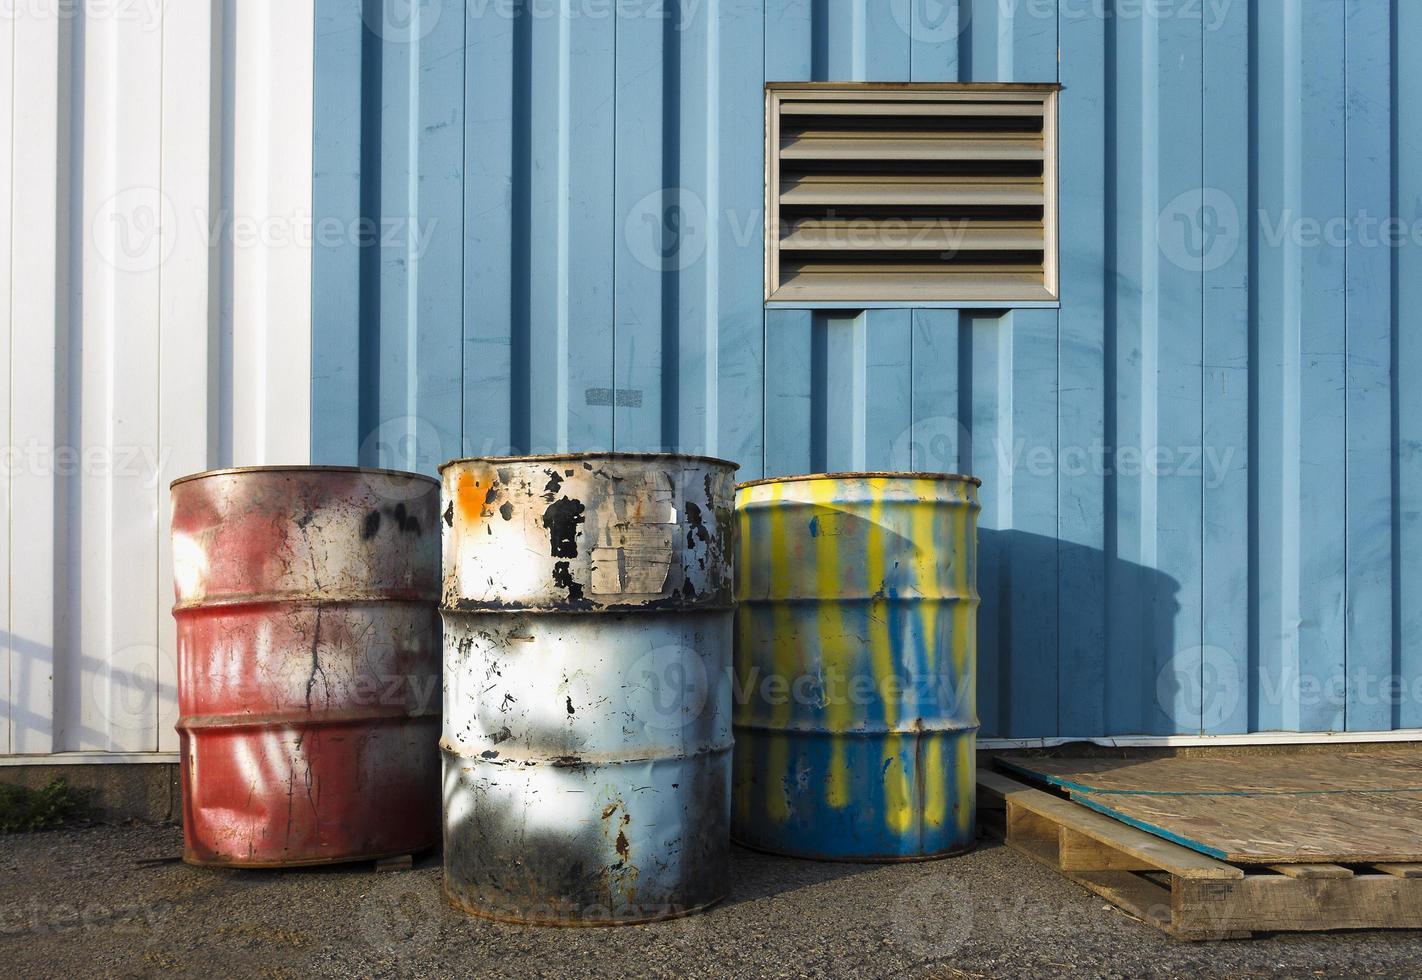 tambores industriais de 55 galões foto